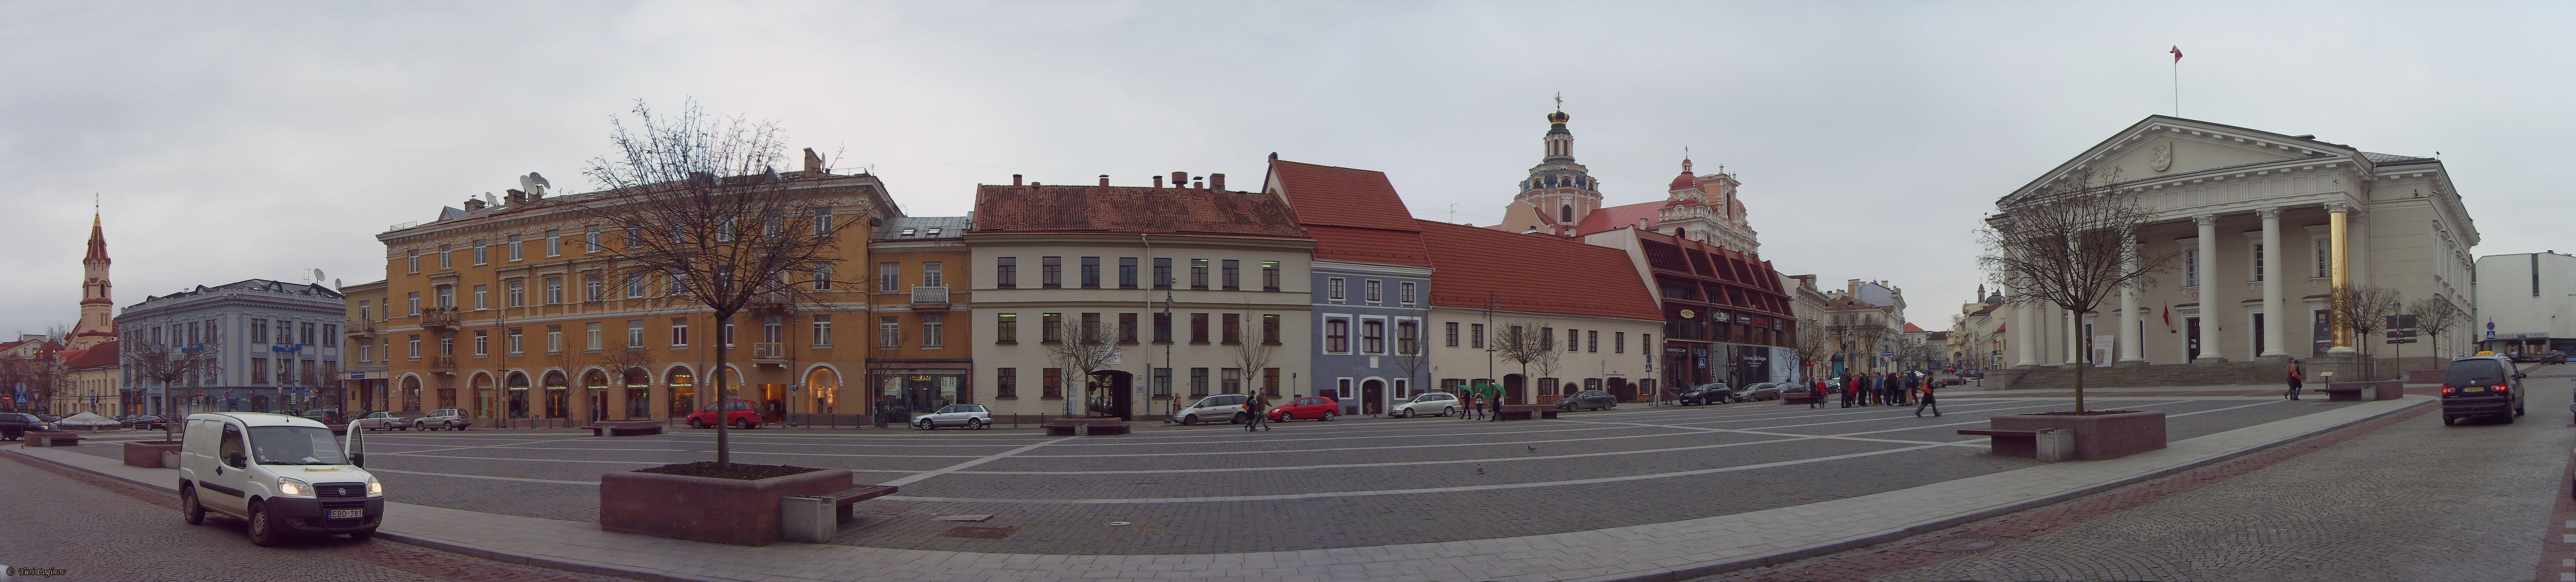 Lietuva, lithuania, Vilniaus rotušės aikštė